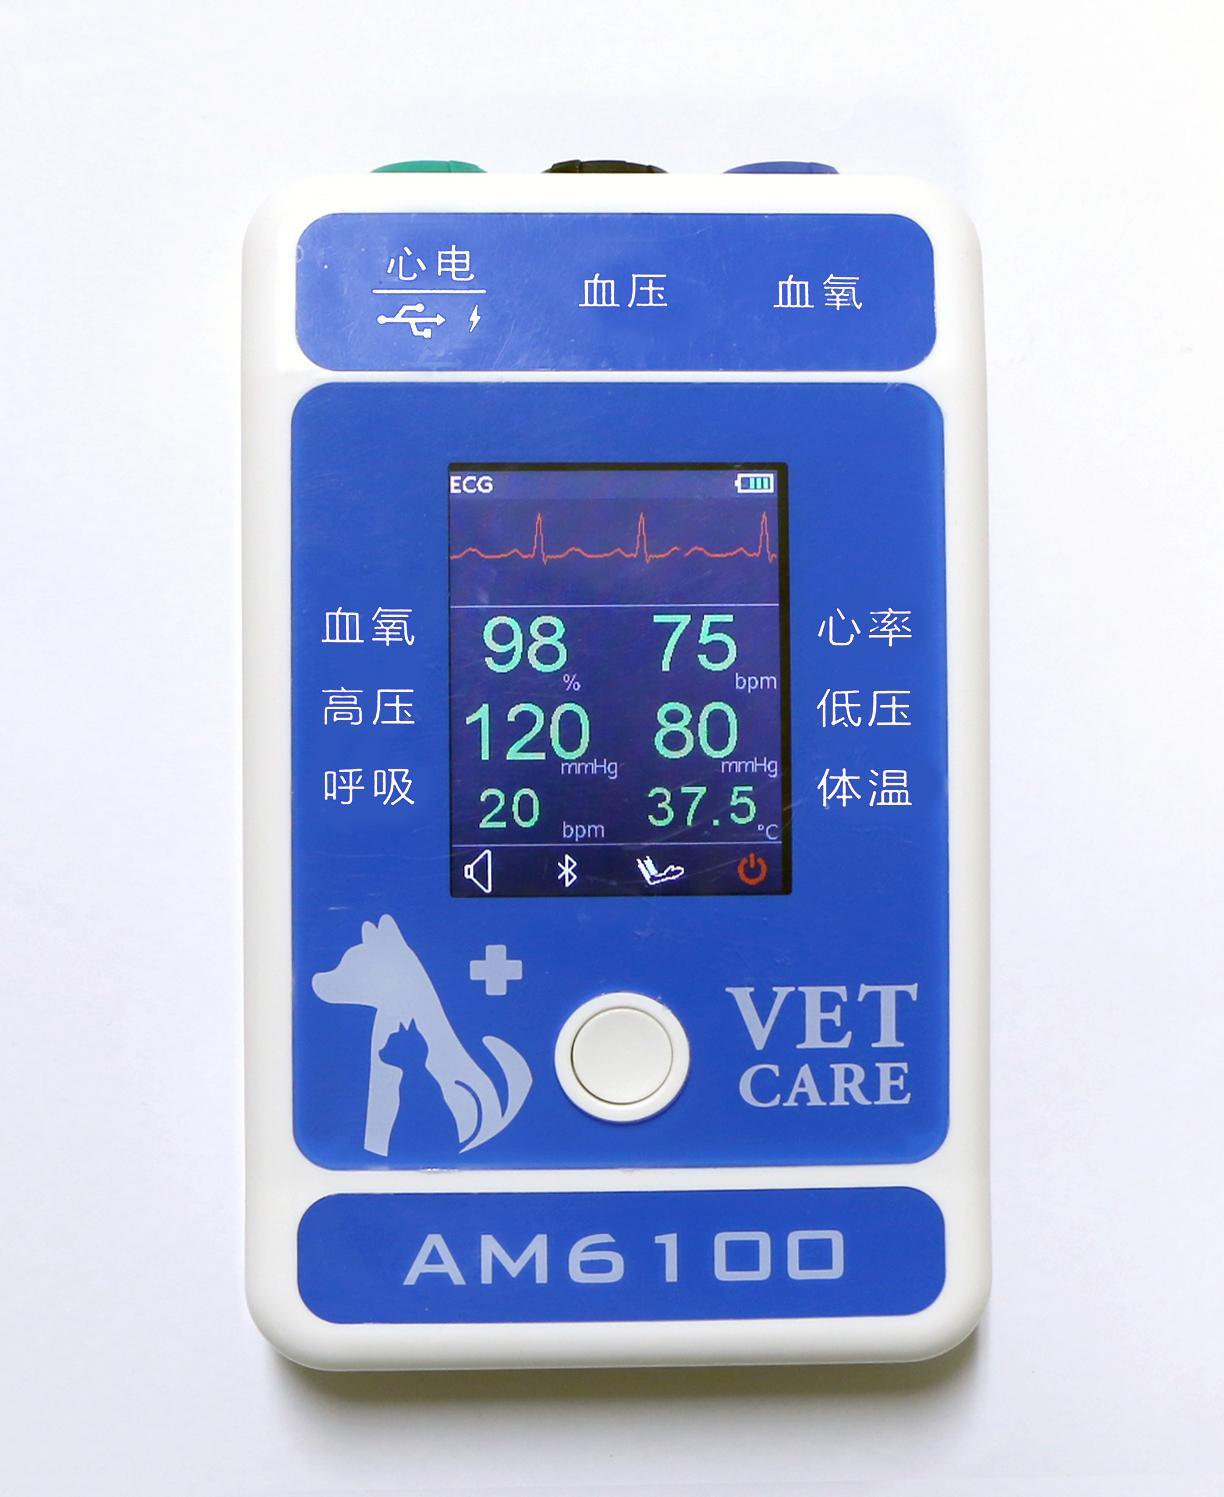 醫院和診所使用的便宜動物監護儀 1